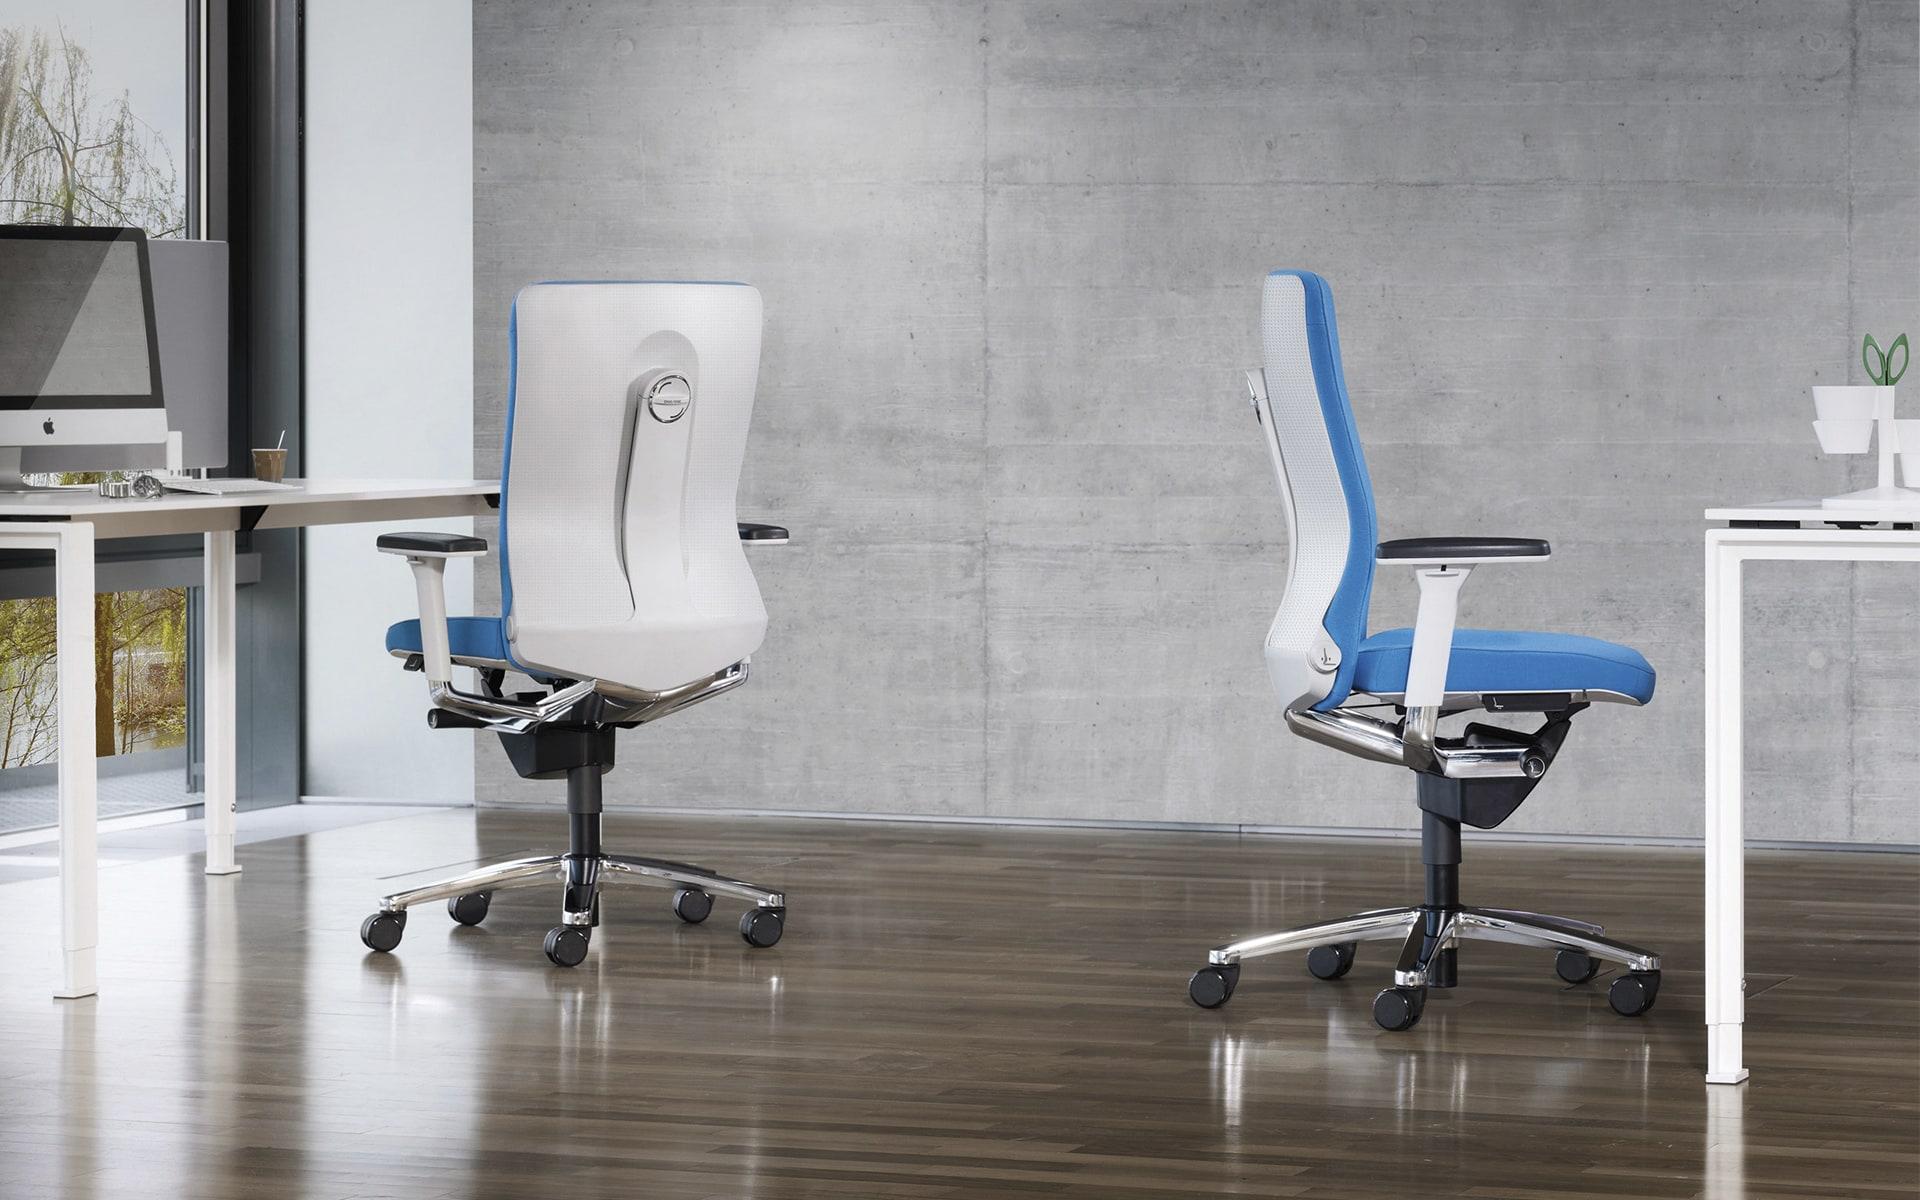 König + Neurath Lamiga Bürostühle von ITO Design mit weissen Lehnen und blauen Polstern in minimalistischem Büro